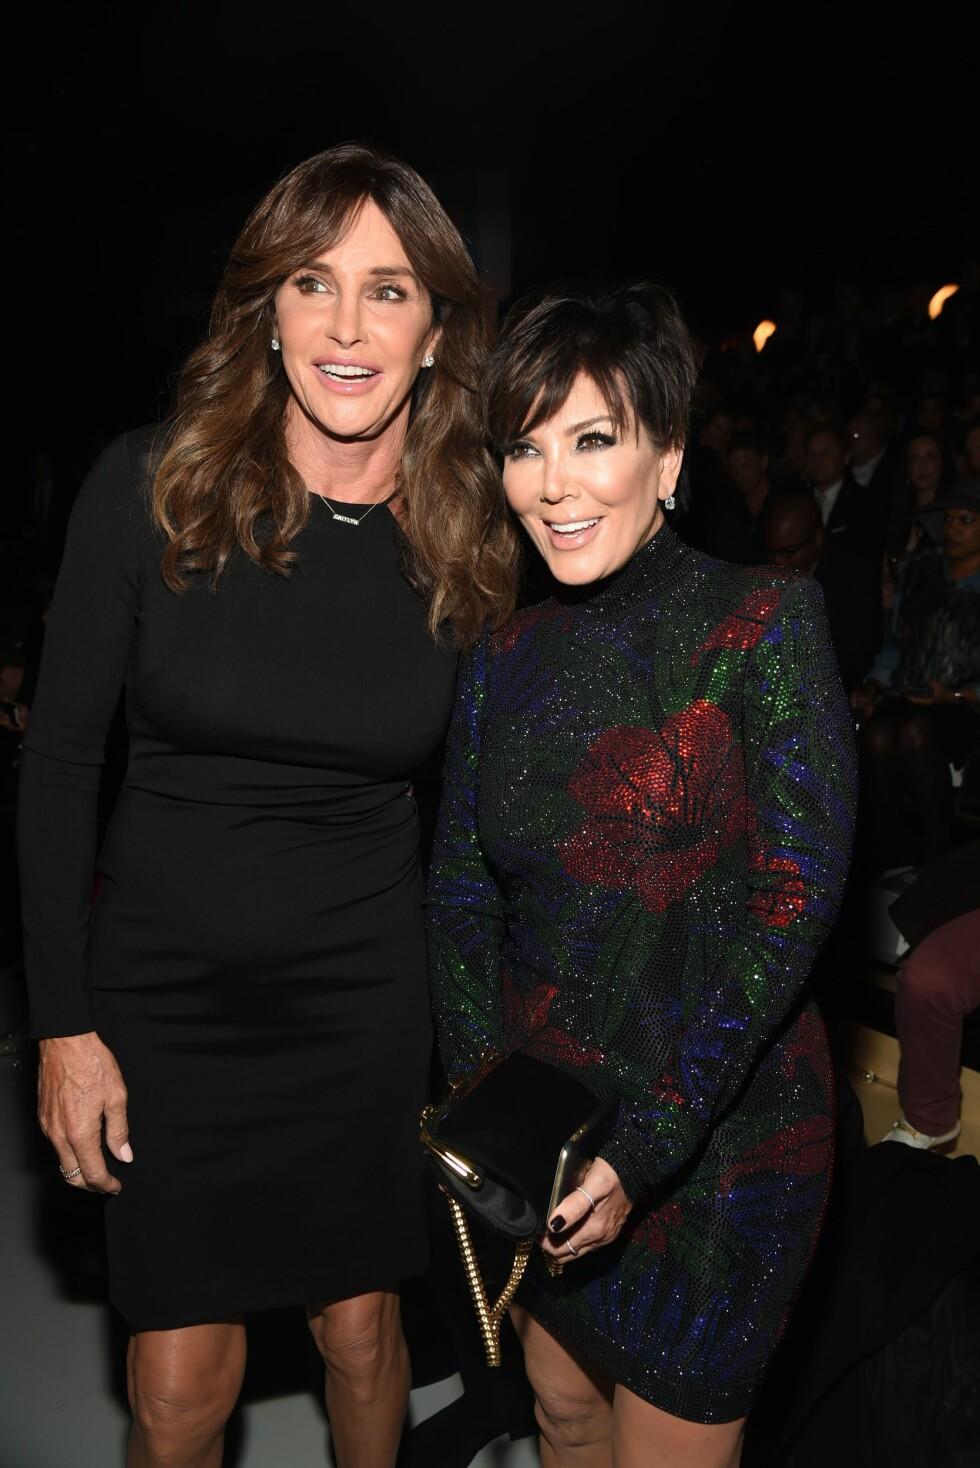 FORBLE VENNER: Kris Jenner og Caitlyn Jenner har klart å beholde vennskapet etter sistnevntes kjønnsskifte. Foto: Rex Features